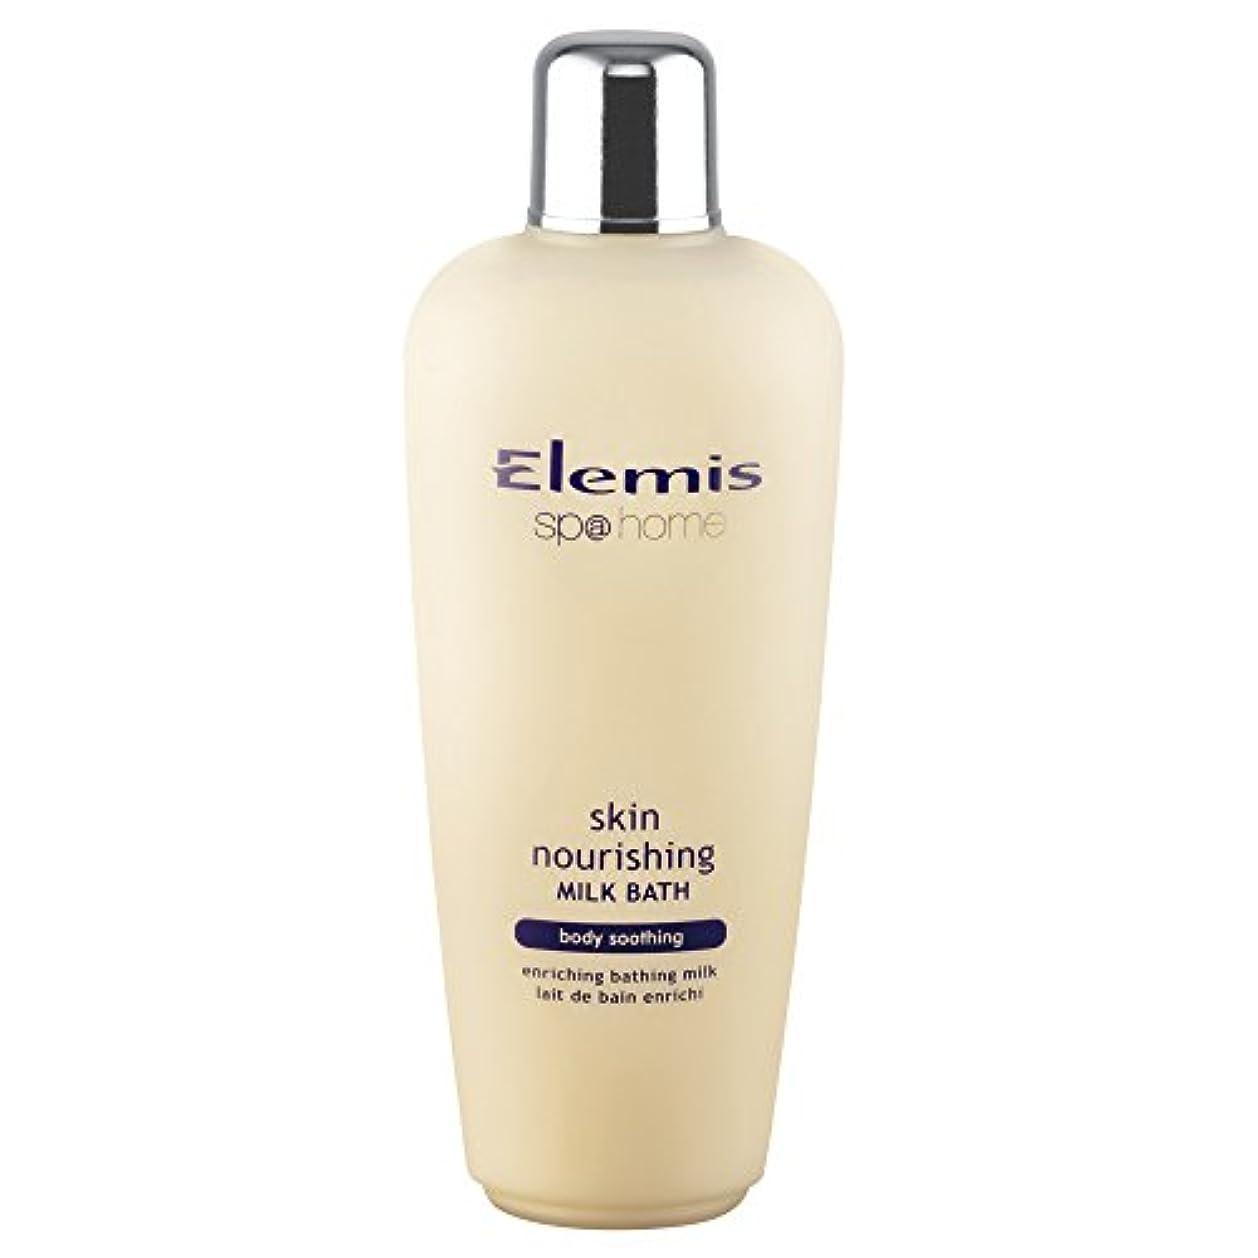 震え学部照らすエレミススキン栄養ミルクバスの400ミリリットル (Elemis) (x2) - Elemis Skin Nourishing Milk Bath 400ml (Pack of 2) [並行輸入品]